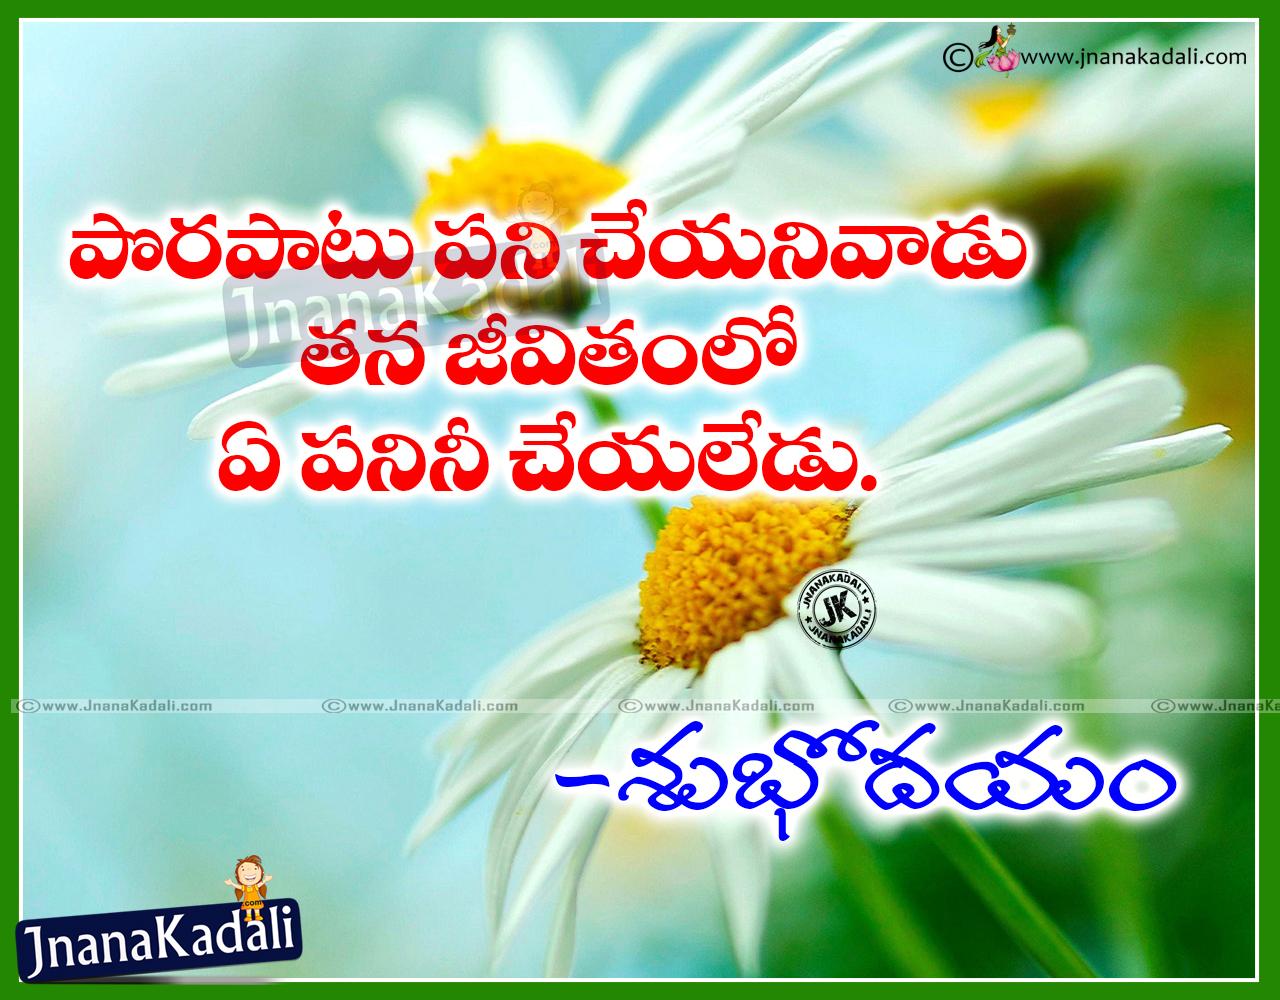 Good Morning Images In Telugu Language Imaganationface Org